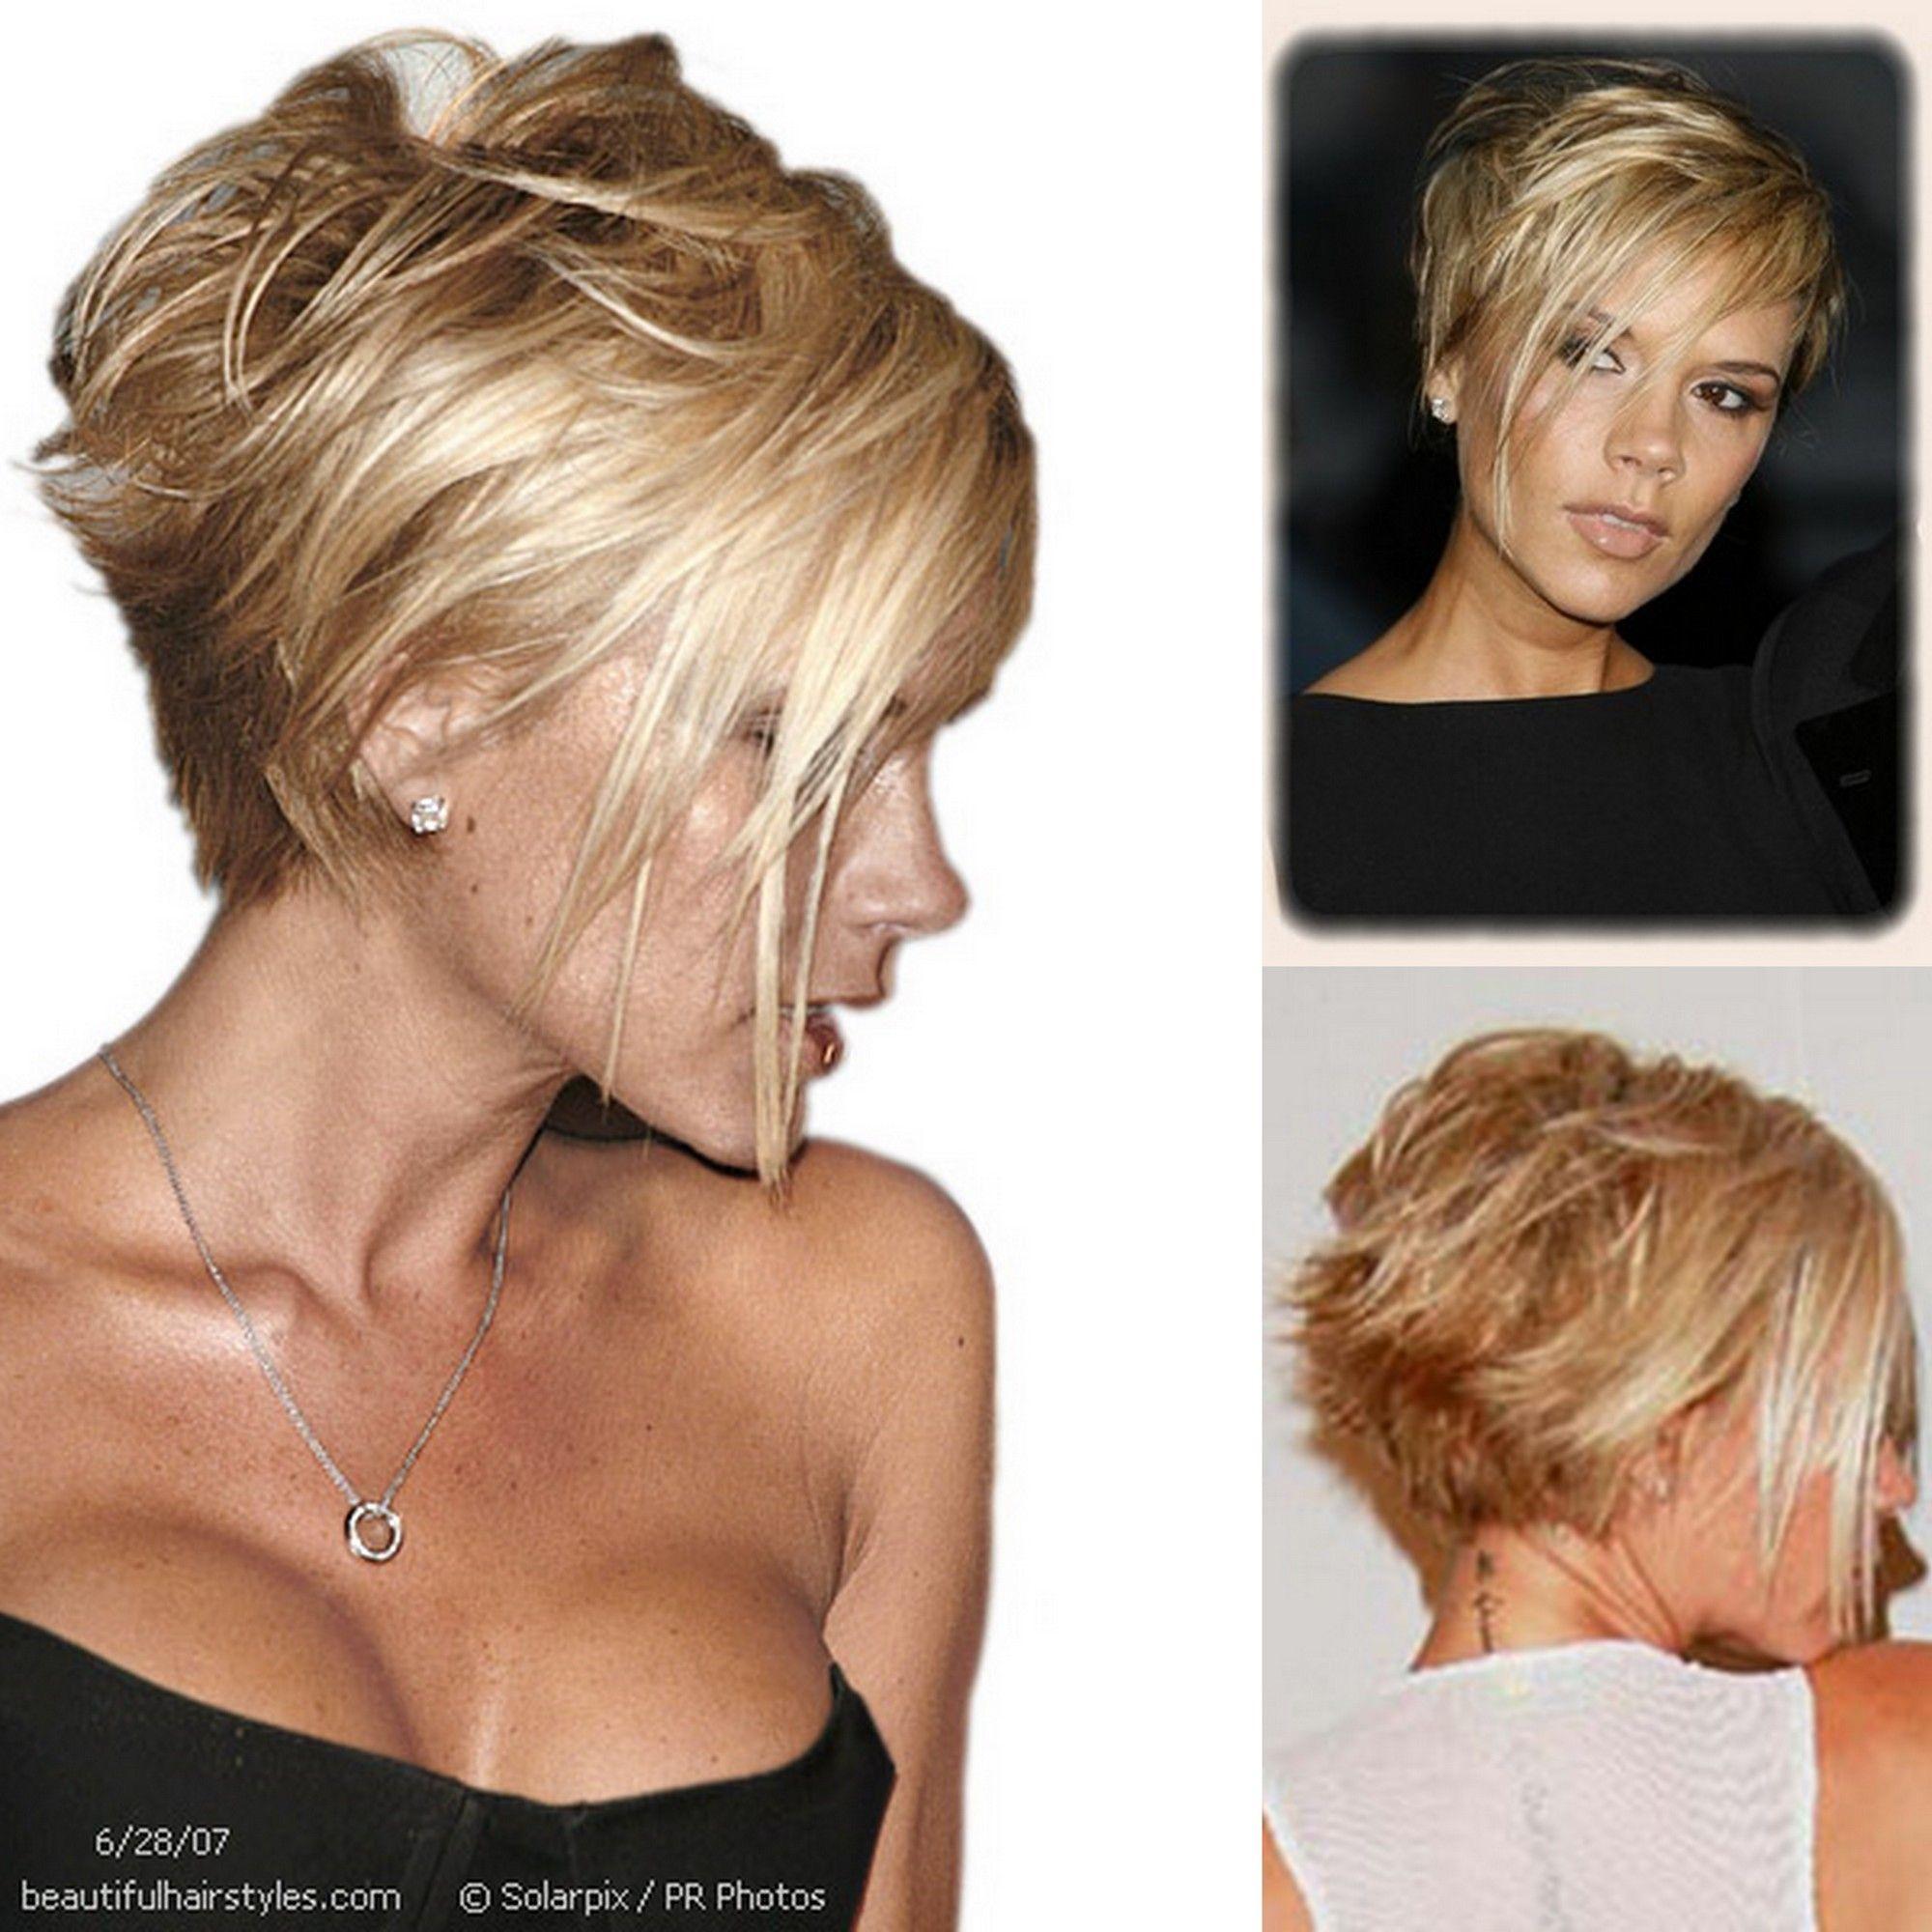 Populaire Carré plongeant destructuré | Styles de coiffure/ Hairstyle <3  JL26